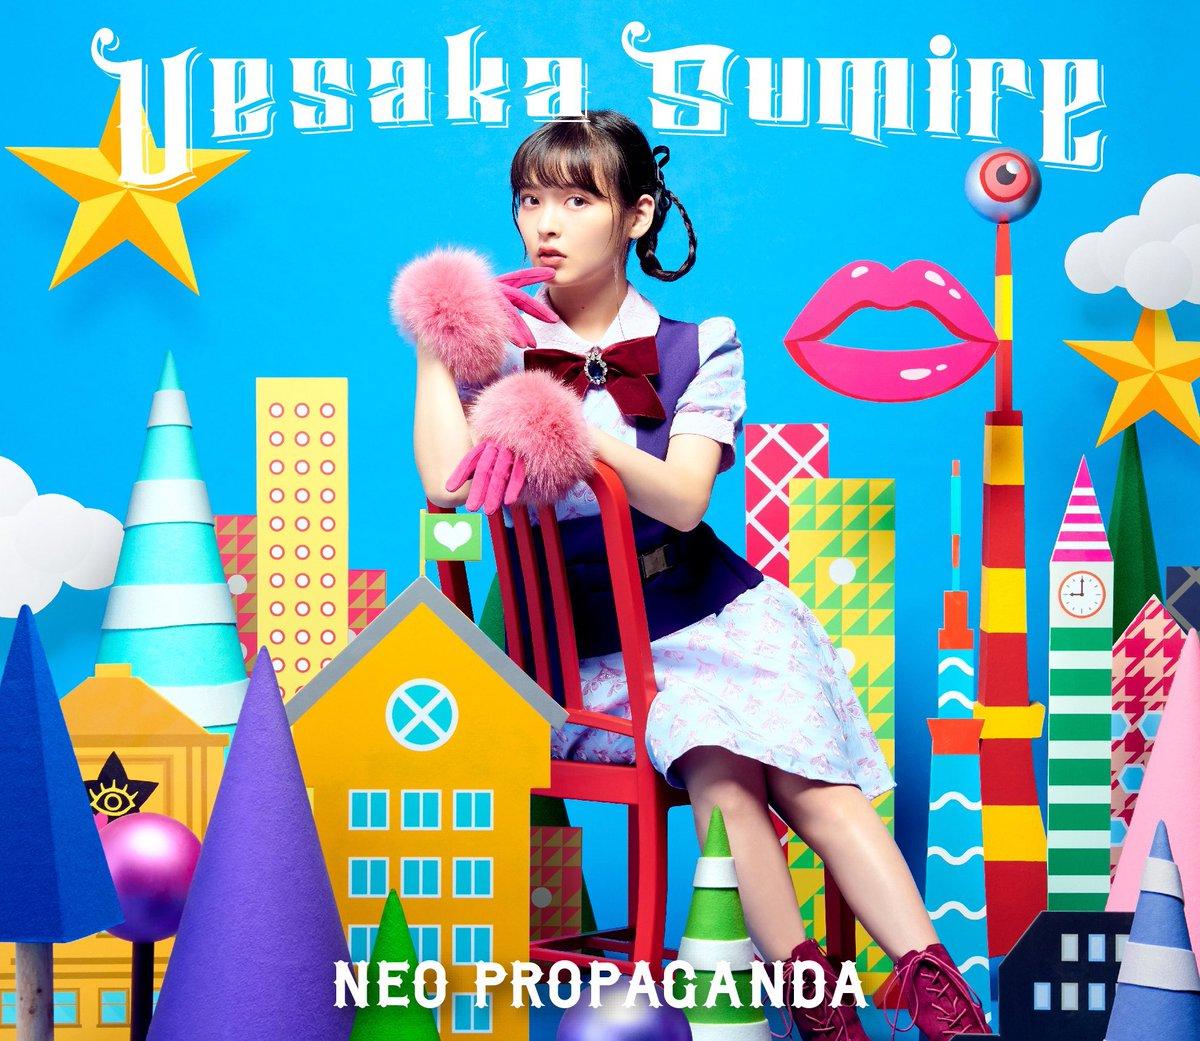 『上坂すみれ ネオ東京唱歌 歌詞』収録の『NEO PROPAGANDA』ジャケット